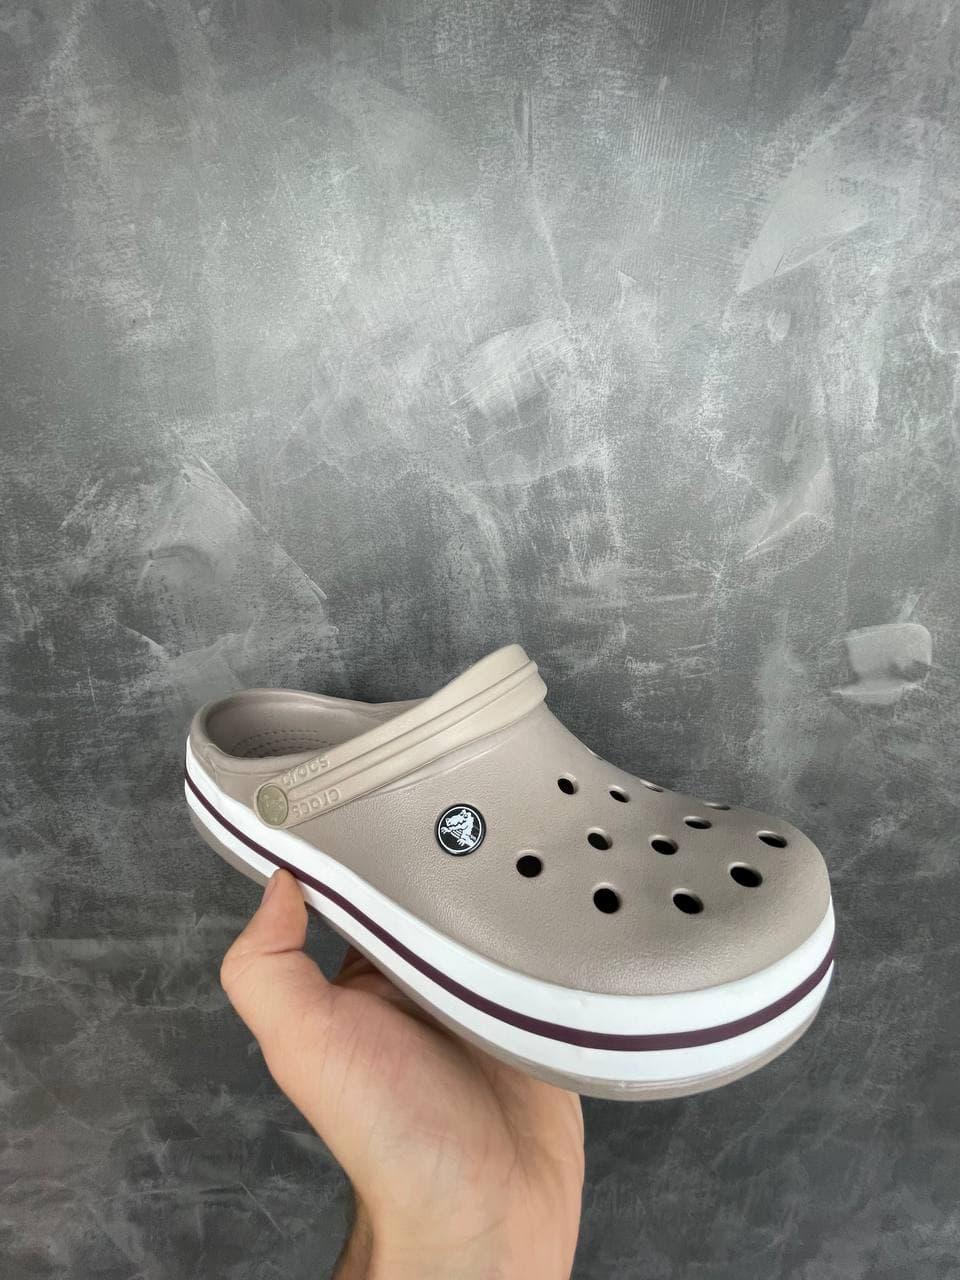 Шлепанцы / сланцы унисекс Crocs Crocband бежевые. Женские / мужские сабо Крокс бежевого цвета.